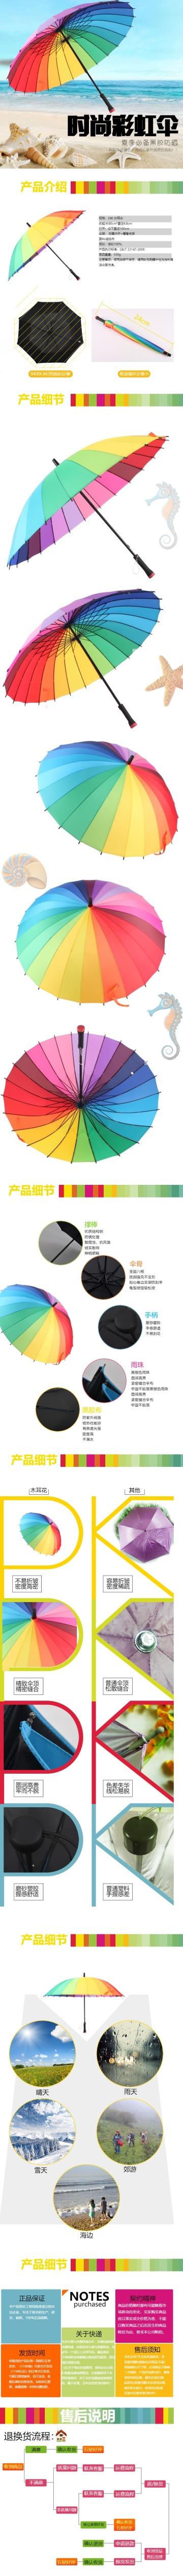 扁平简约百货零售家居生活彩虹雨伞促销电商详情页